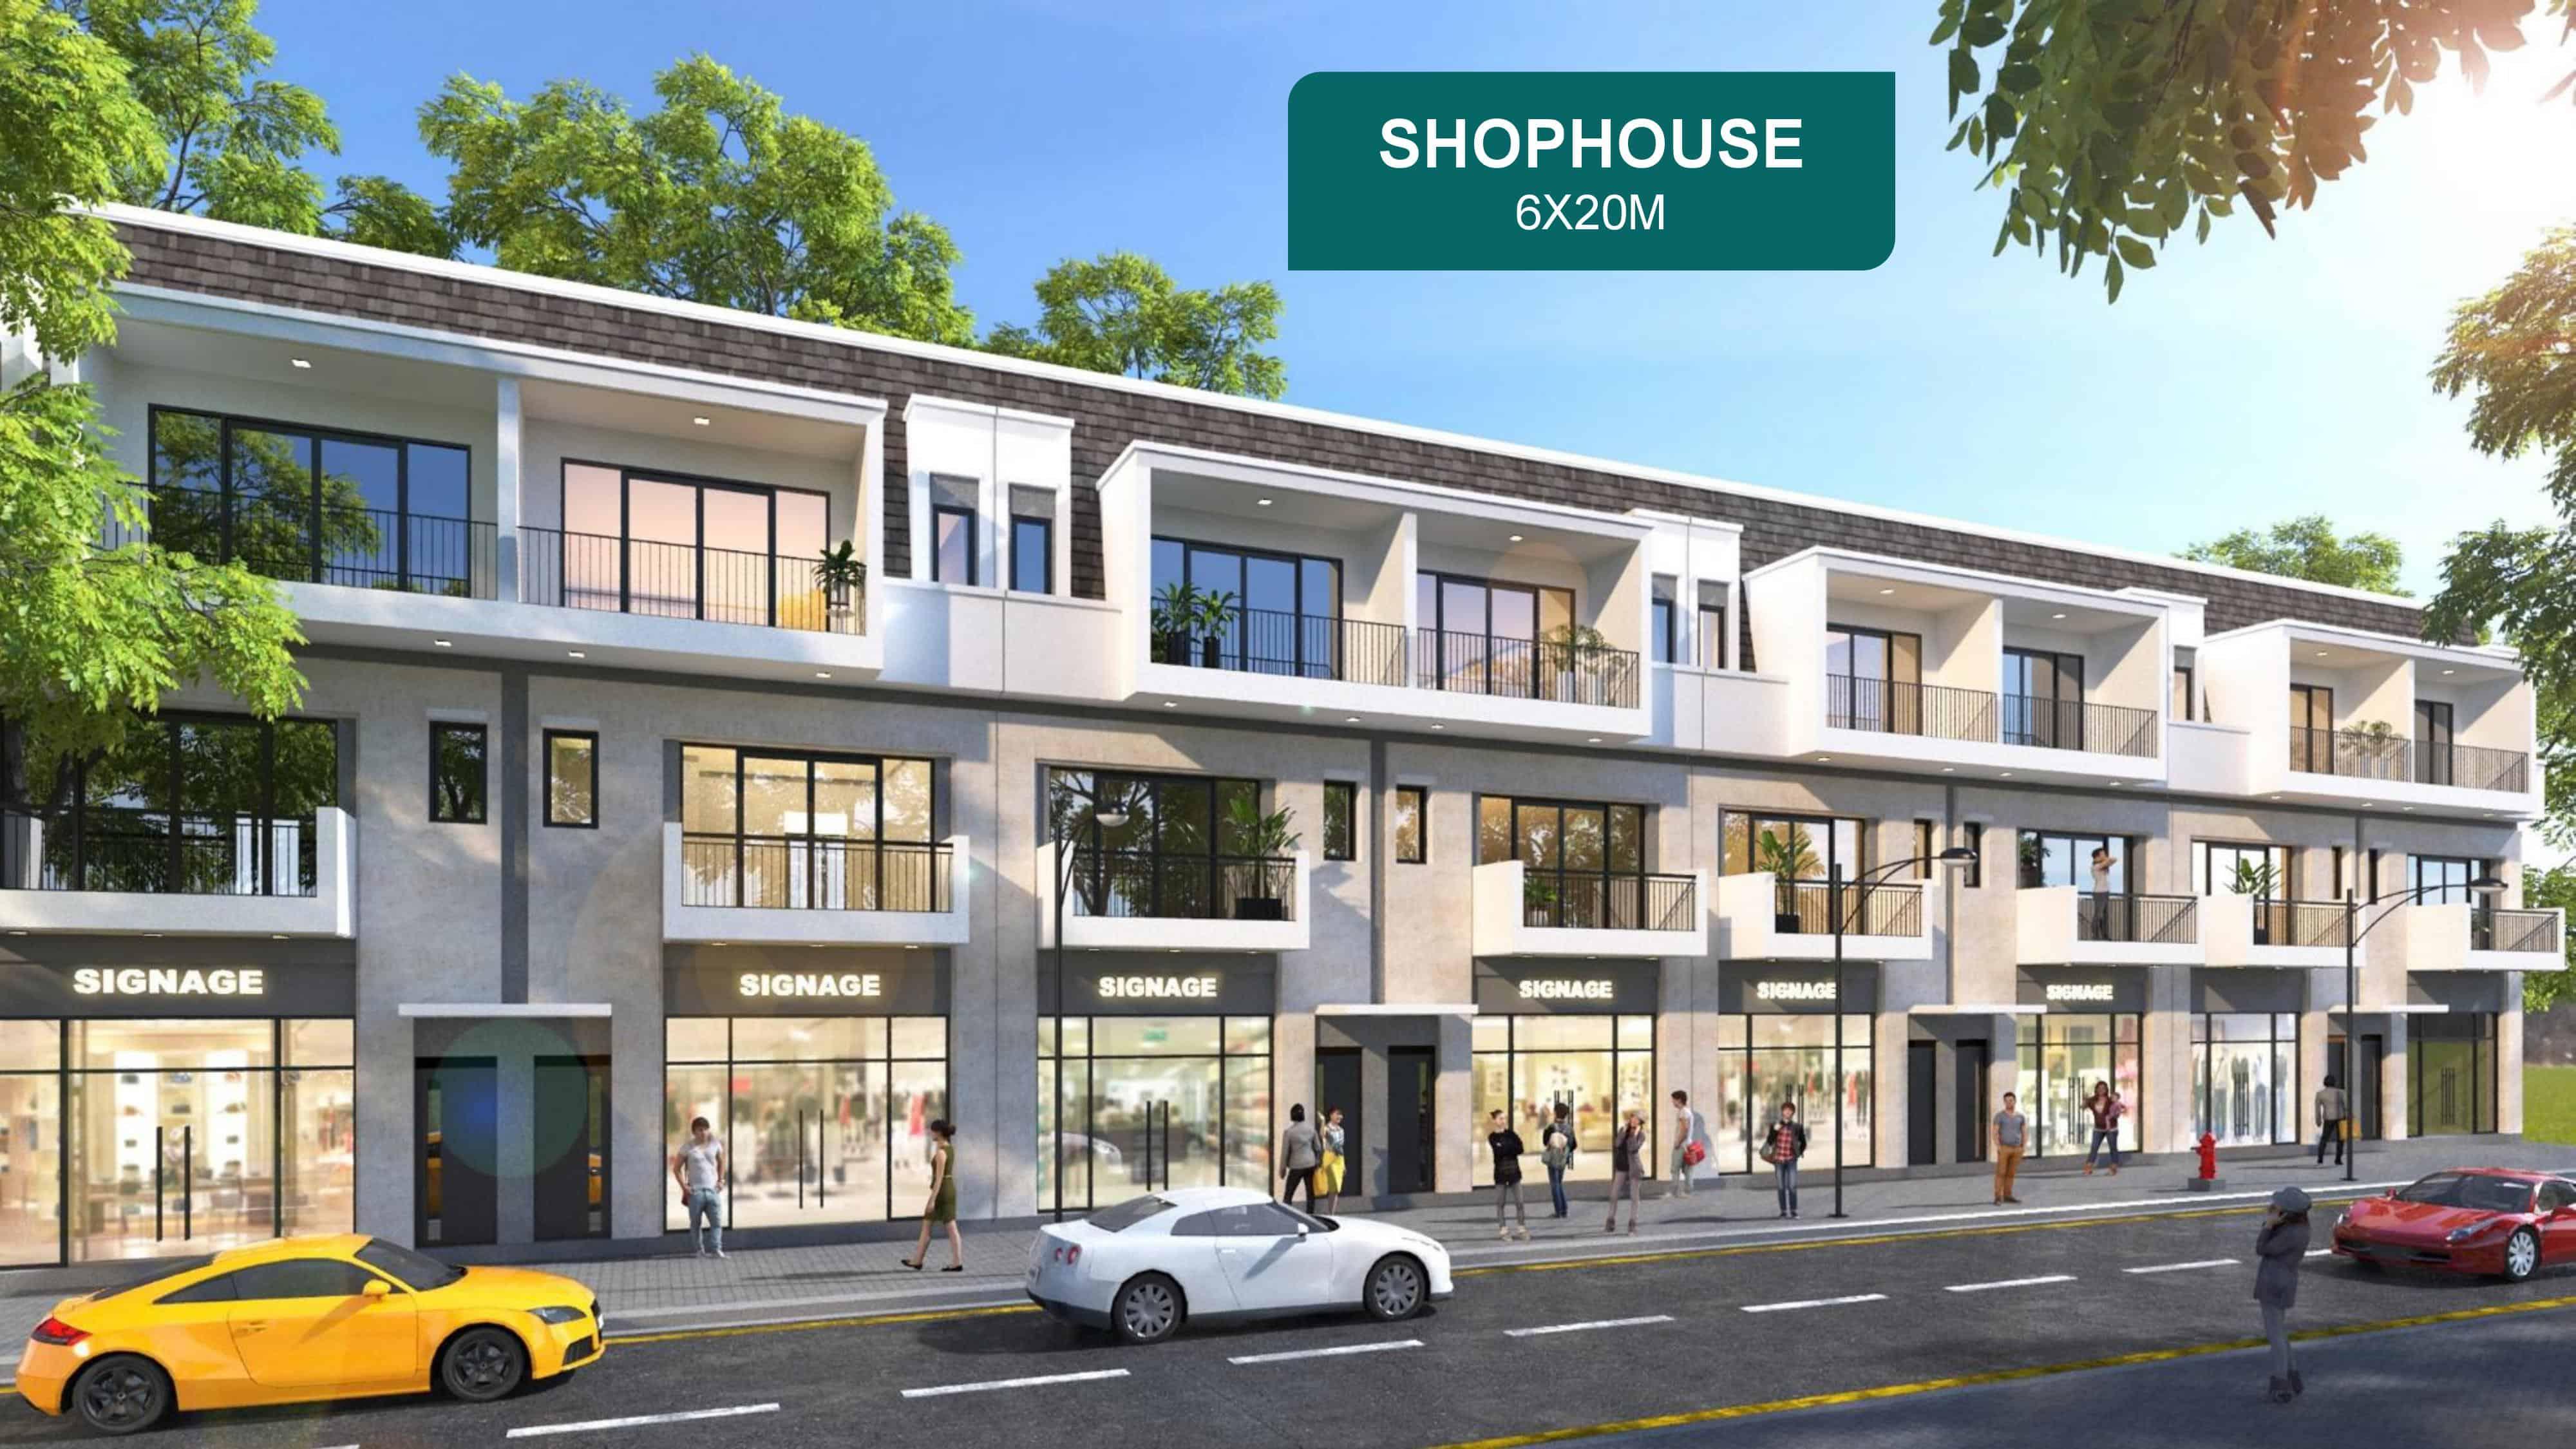 shop-house-aqua-city-6x20